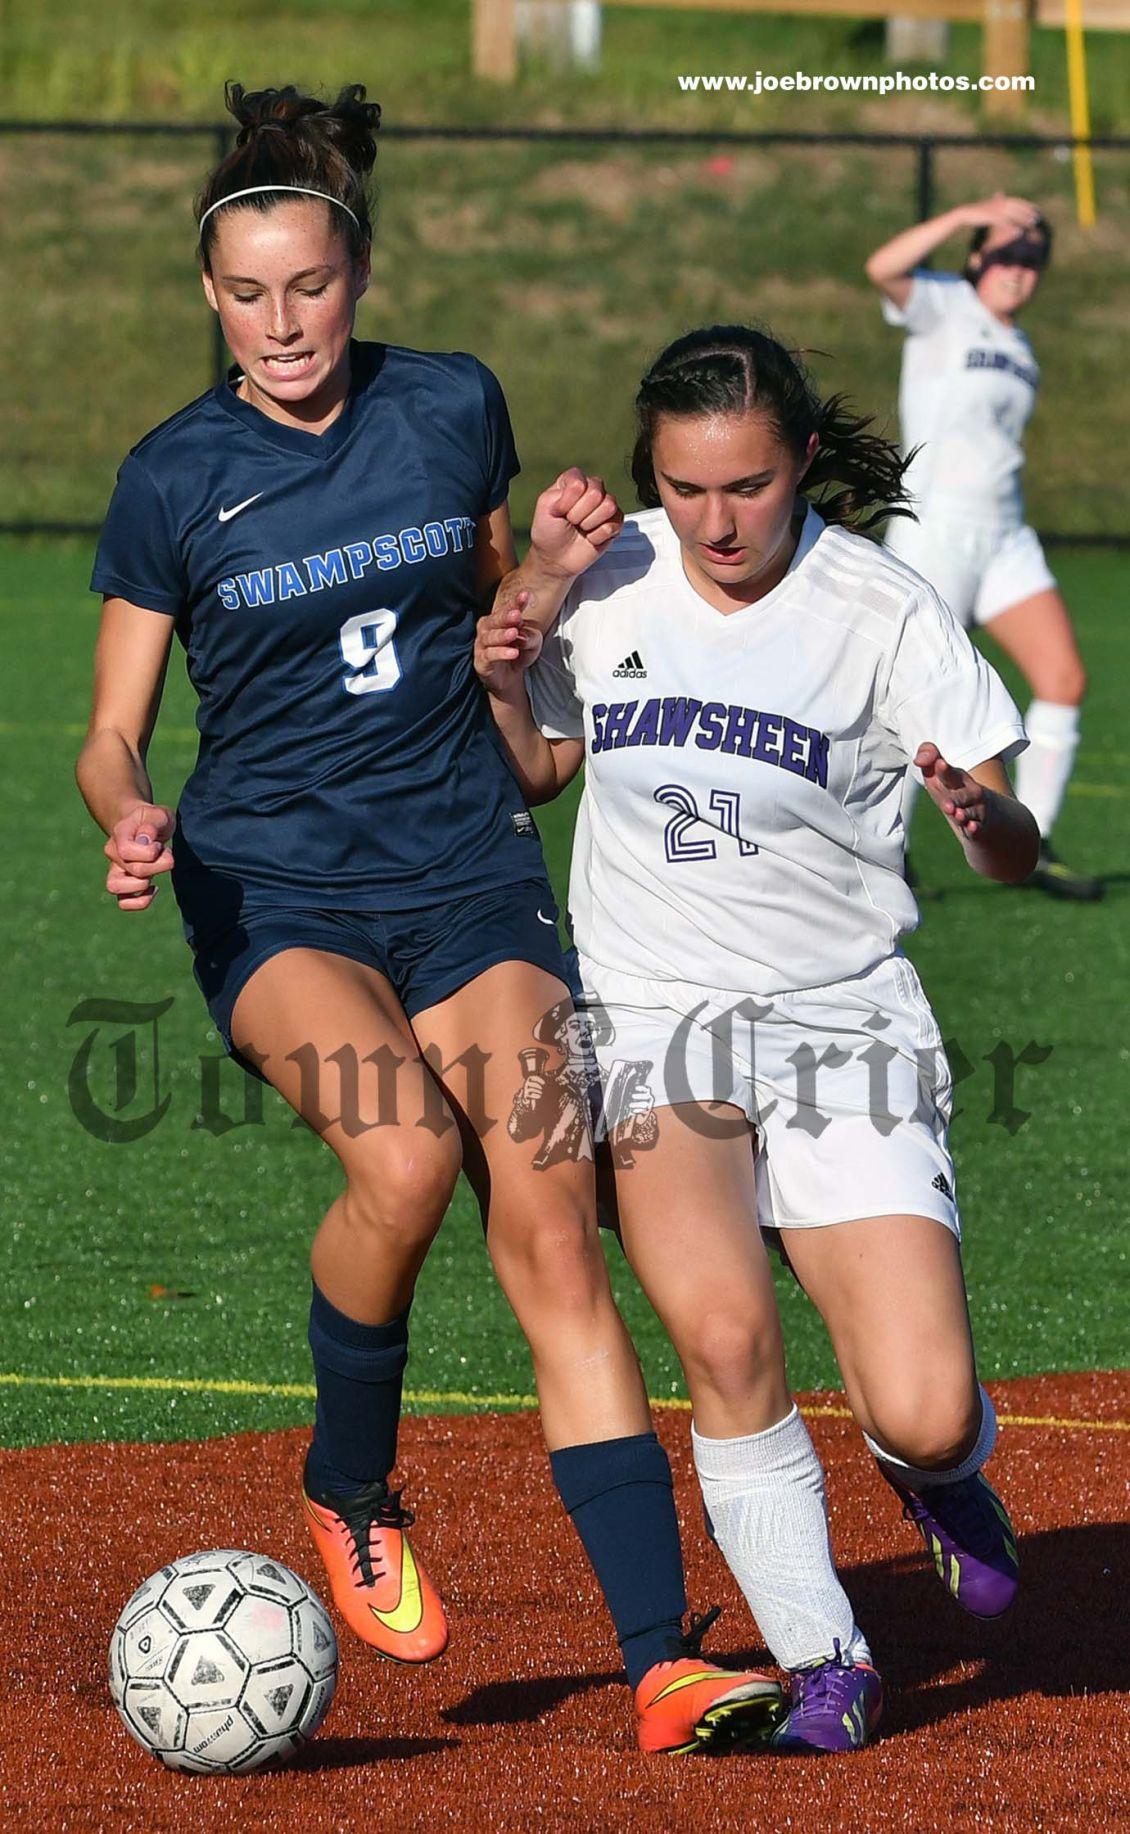 Rachel MacDonald battles for the ball for the Shawsheen Tech Girls' Soccer team